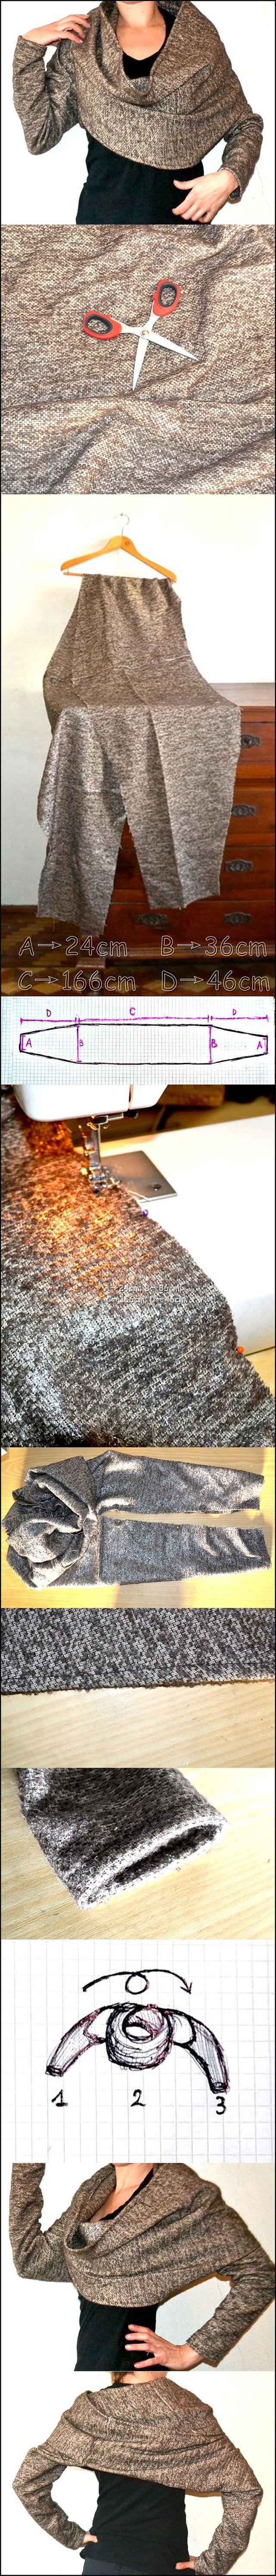 Make a wrap around shrug scarf bolero